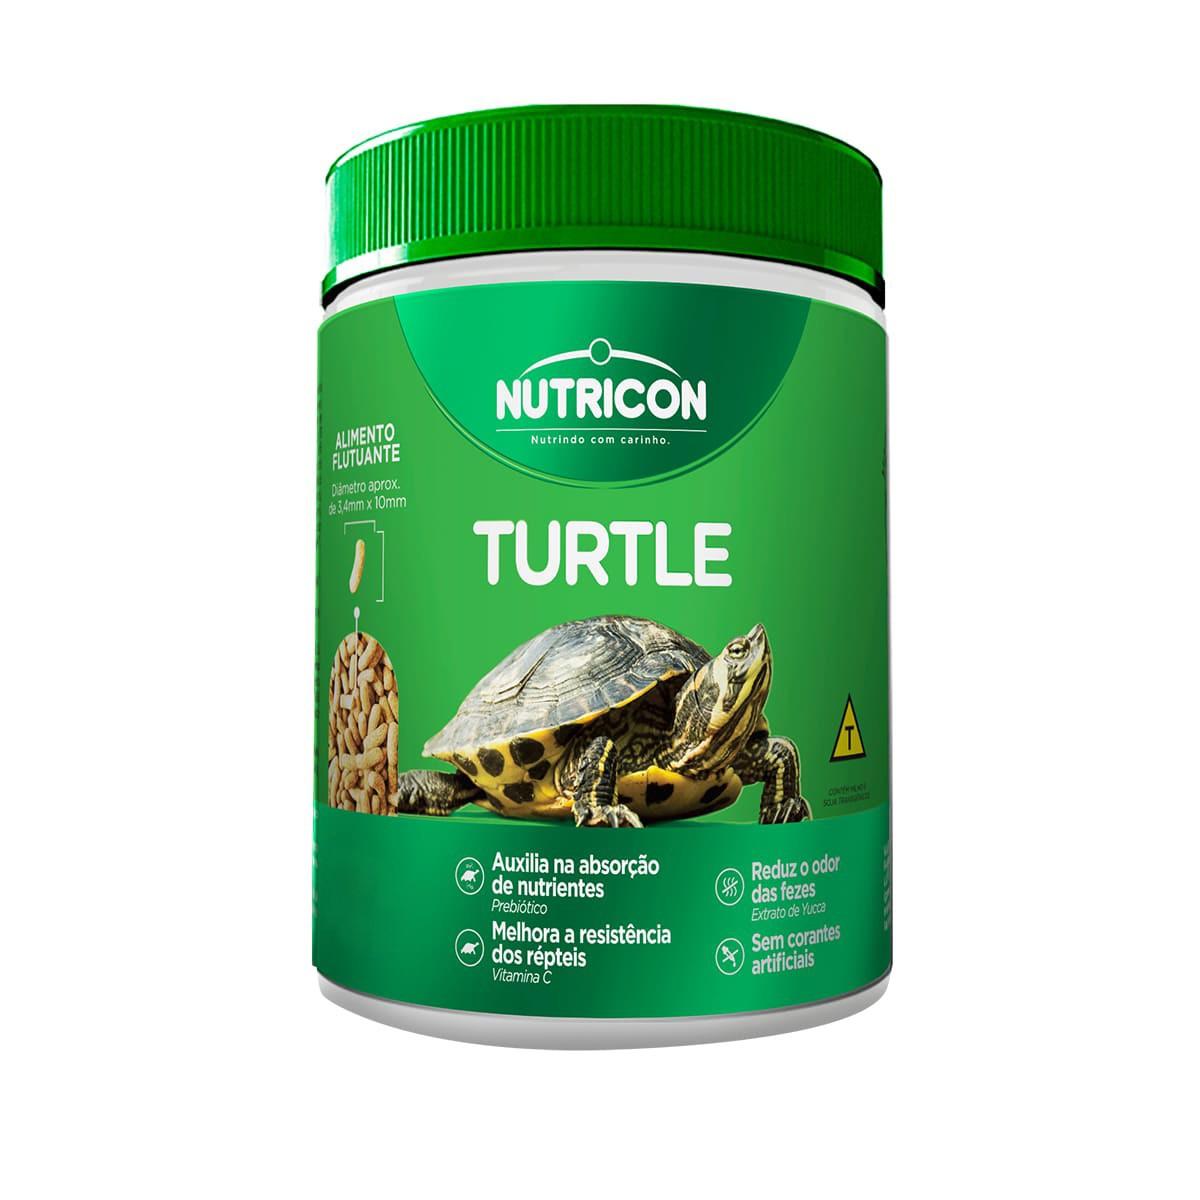 Ração Nutricon Turtle 75g - para Répteis Aquáticos